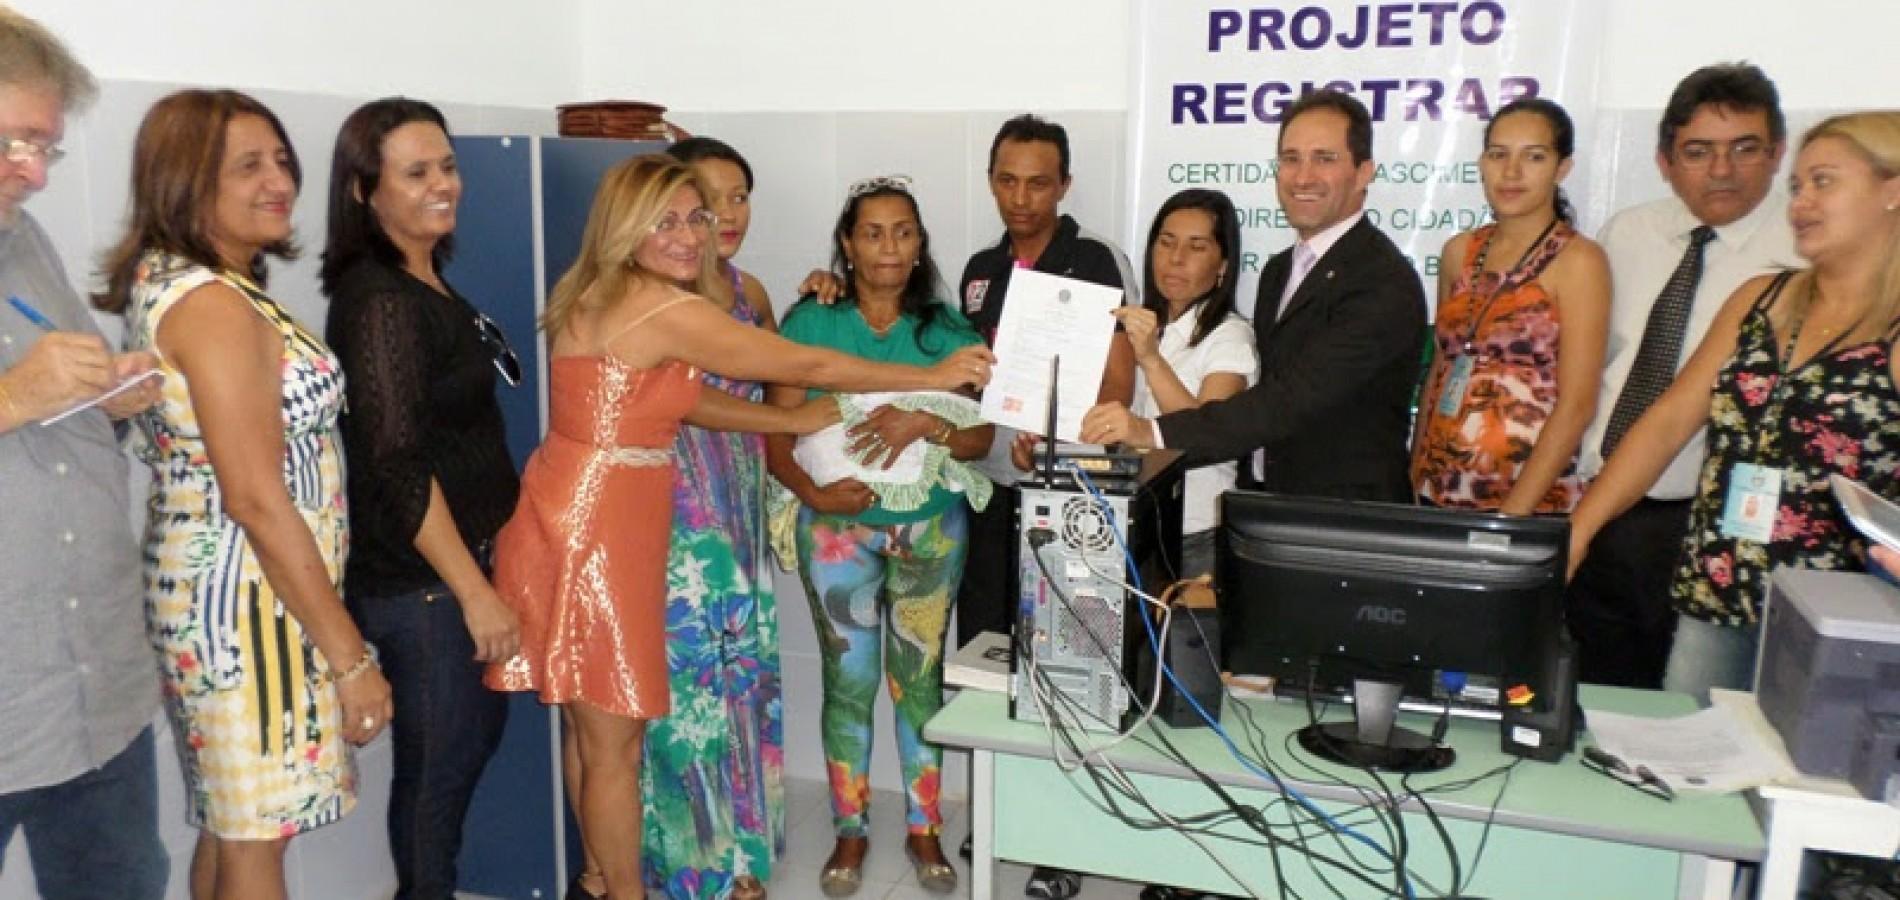 Simões ganha sistema nacional para emissão de resgistro de nascimento